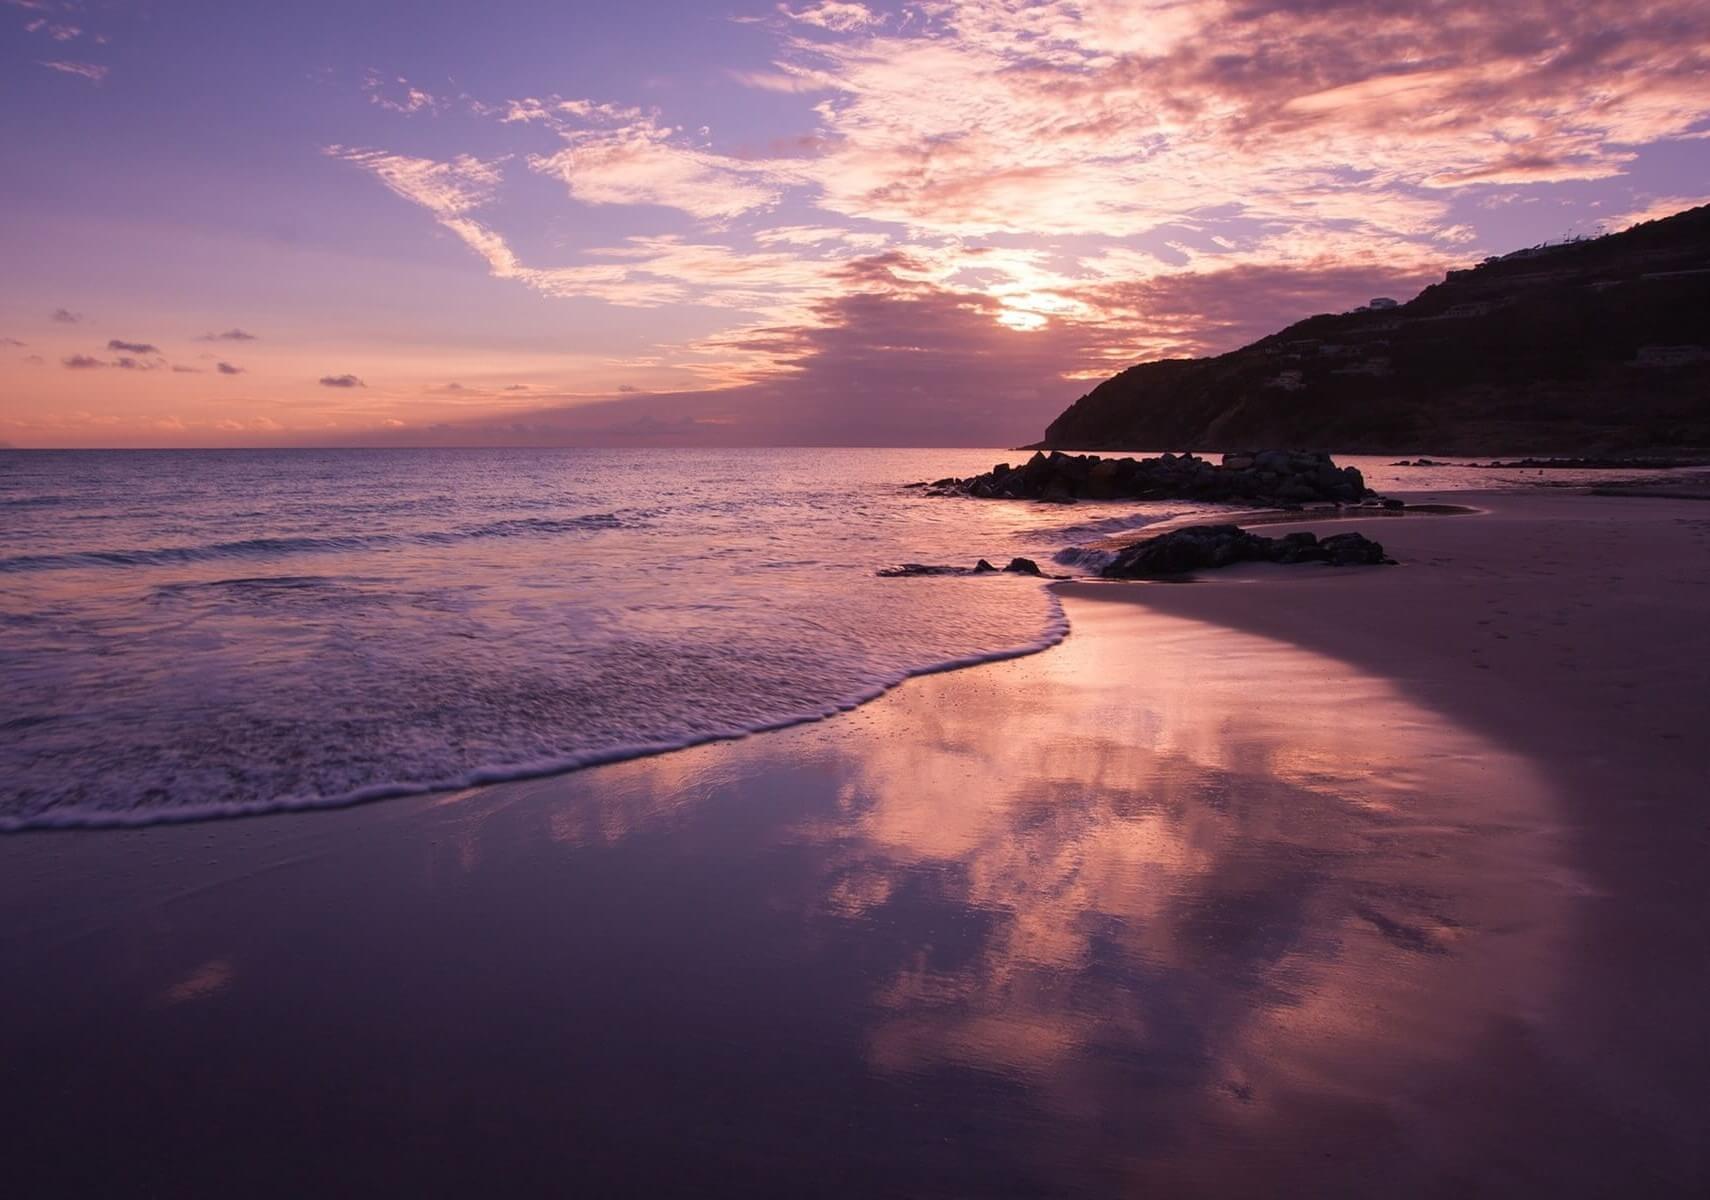 Spiaggia Rosa Sardinien Italien